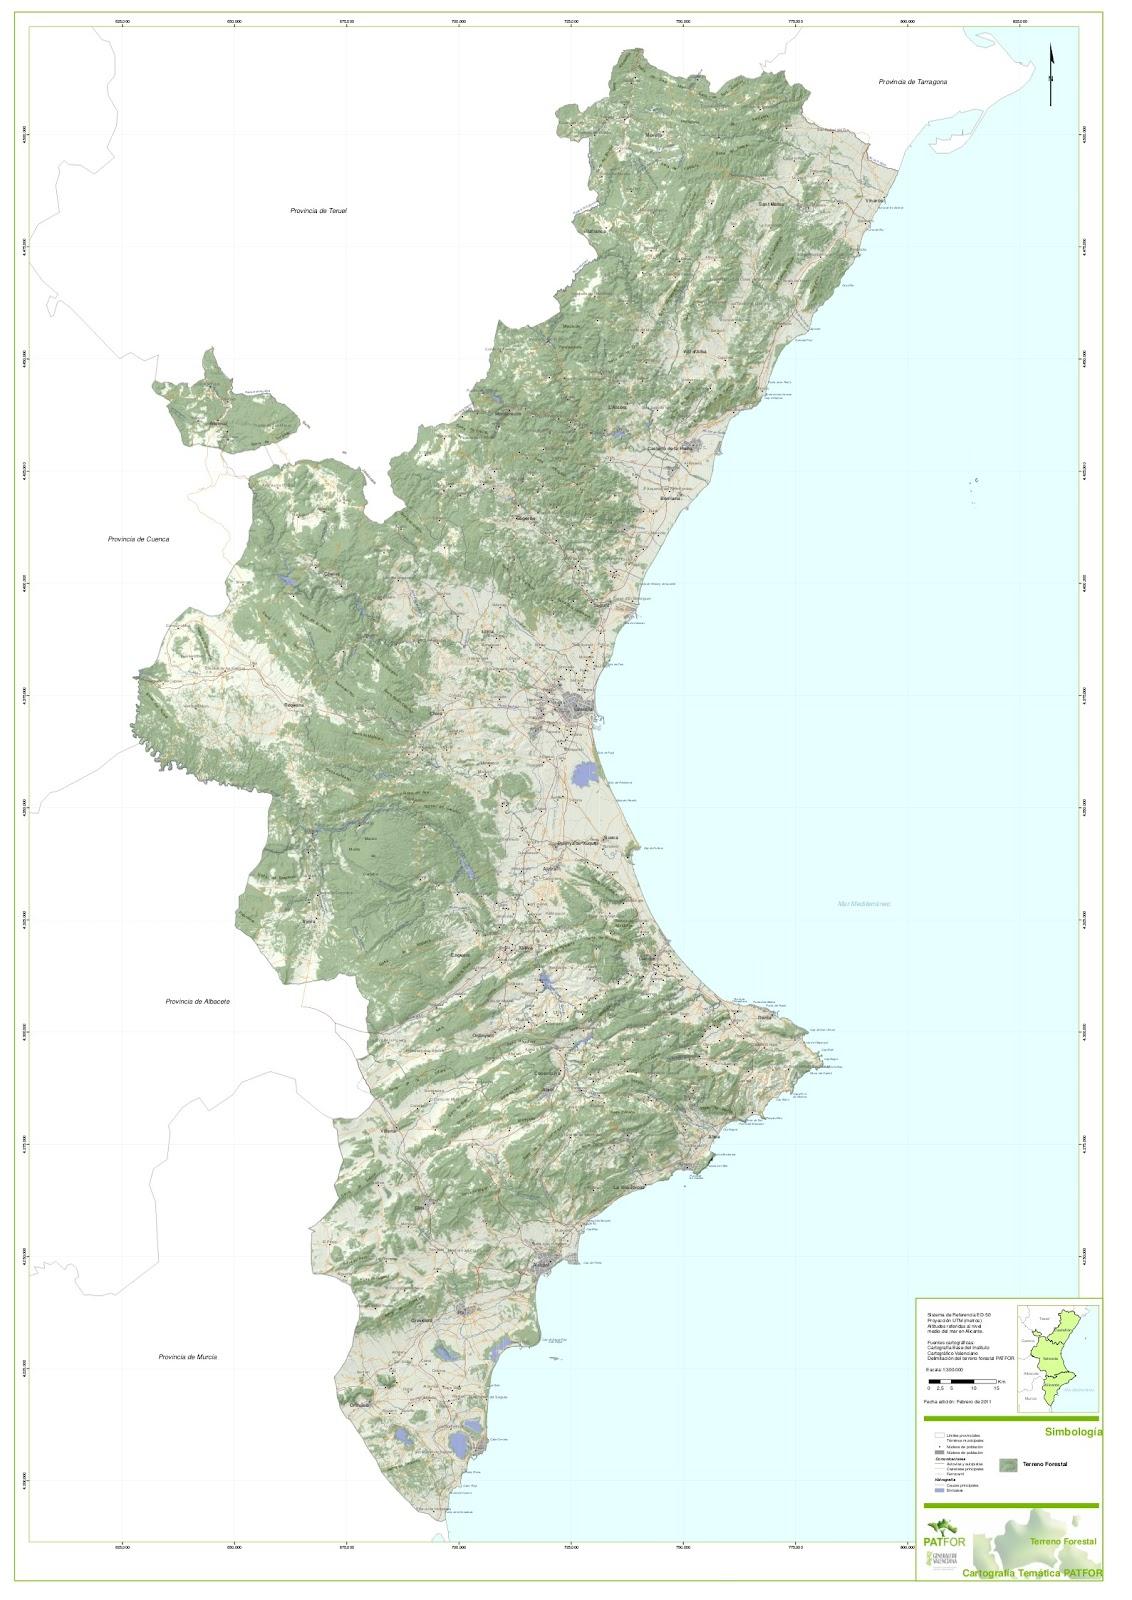 Mapa Fisico Comunitat Valenciana.Forestry News